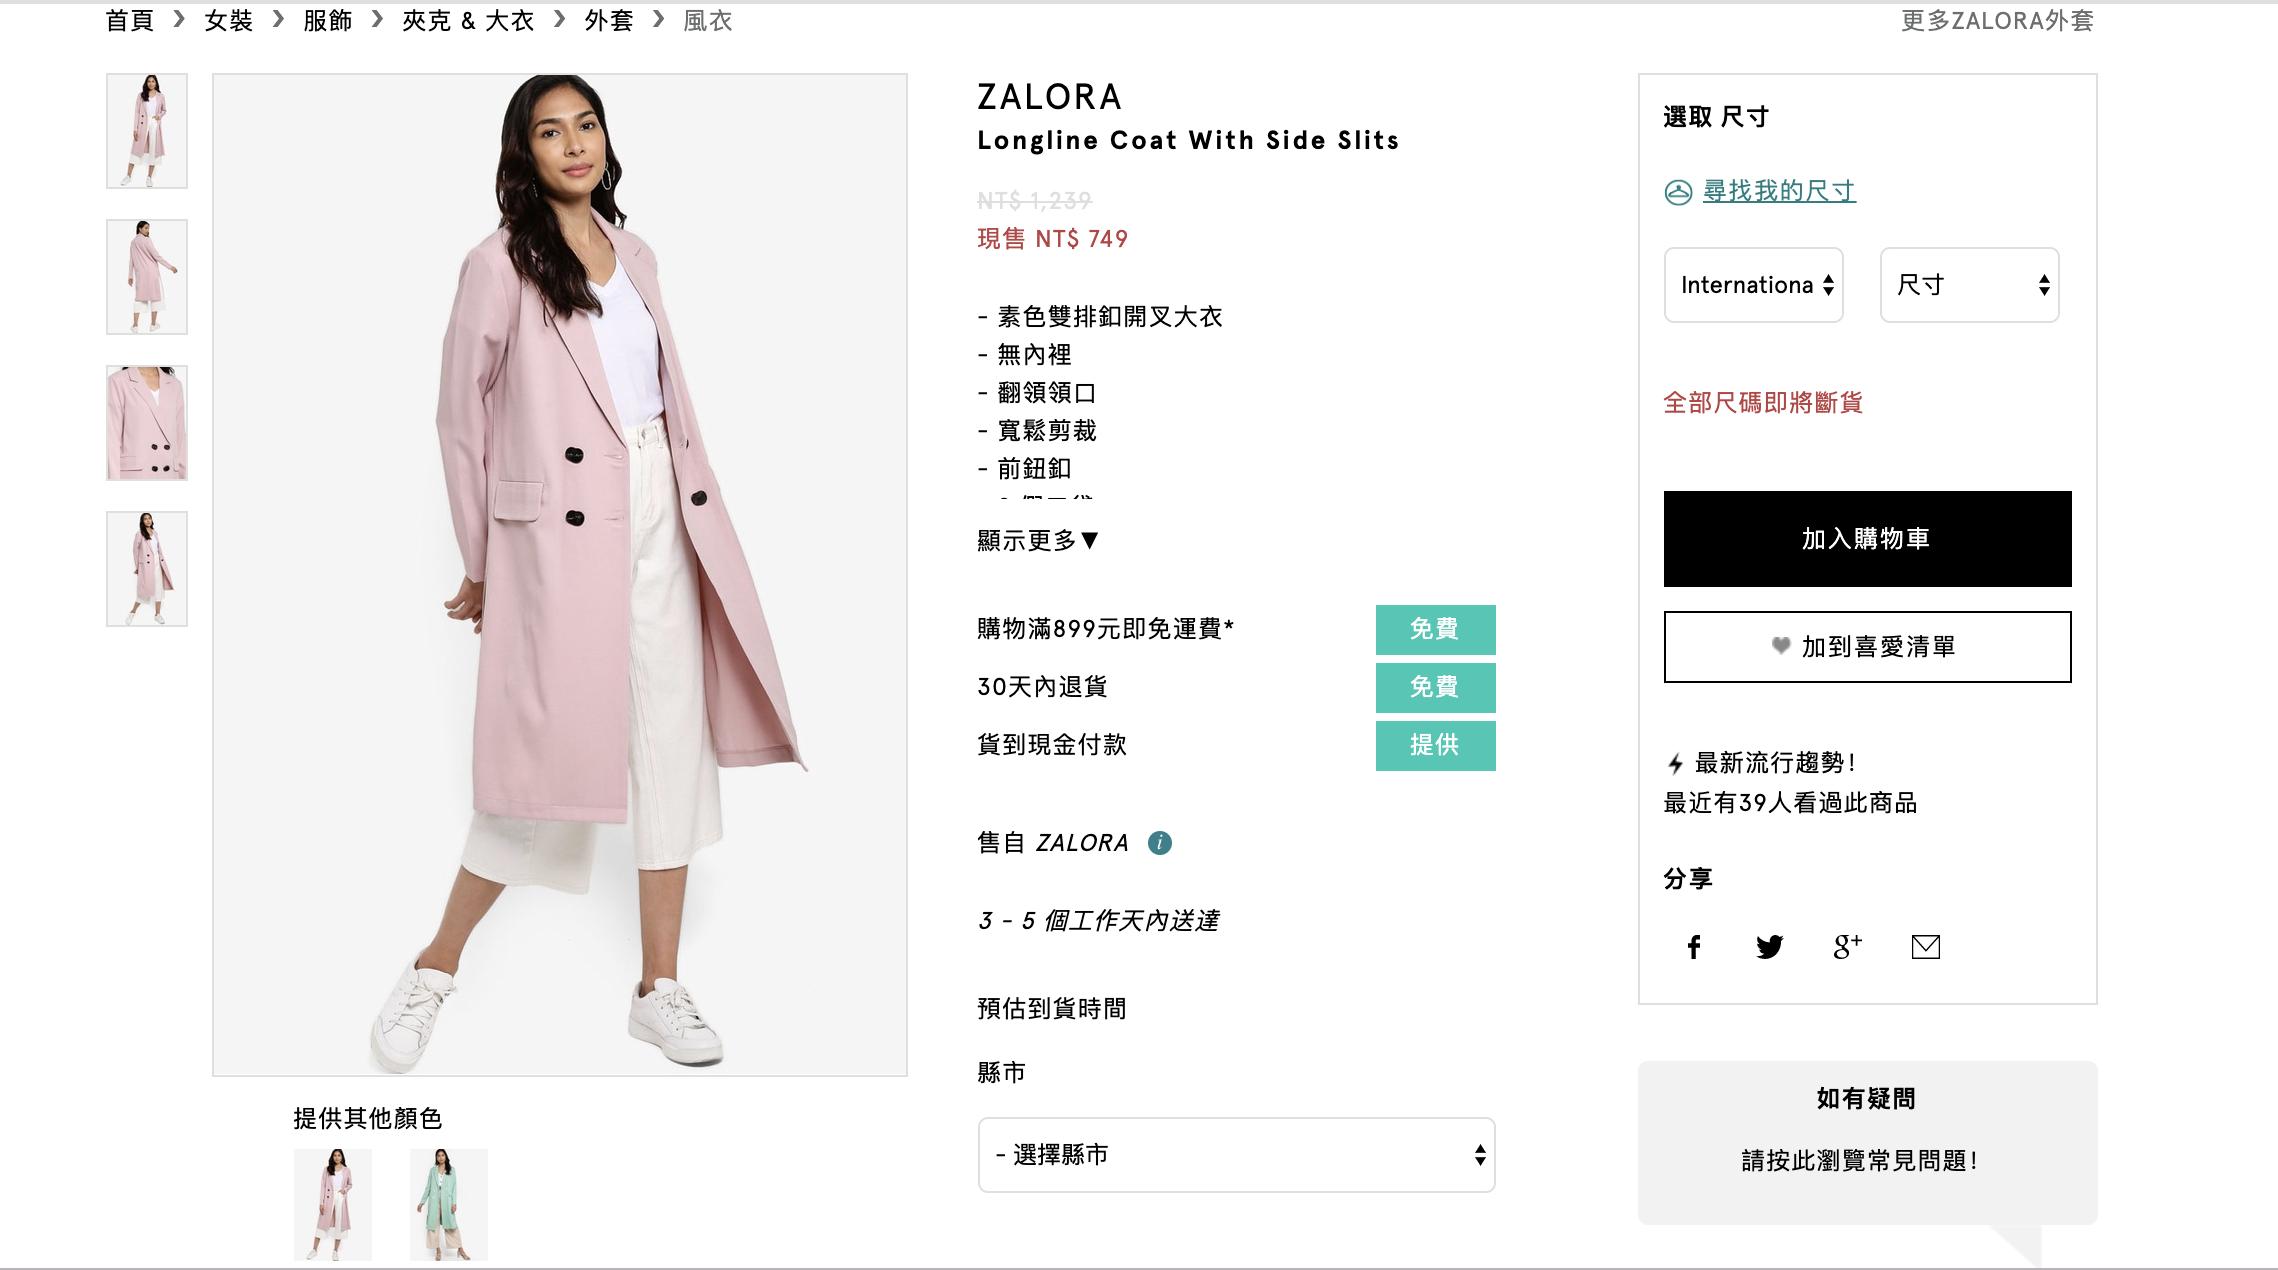 淺粉色大衣,既不會太高調又不會太平凡,淺粉色穿在身上還會把臉色襯托得很有氣色